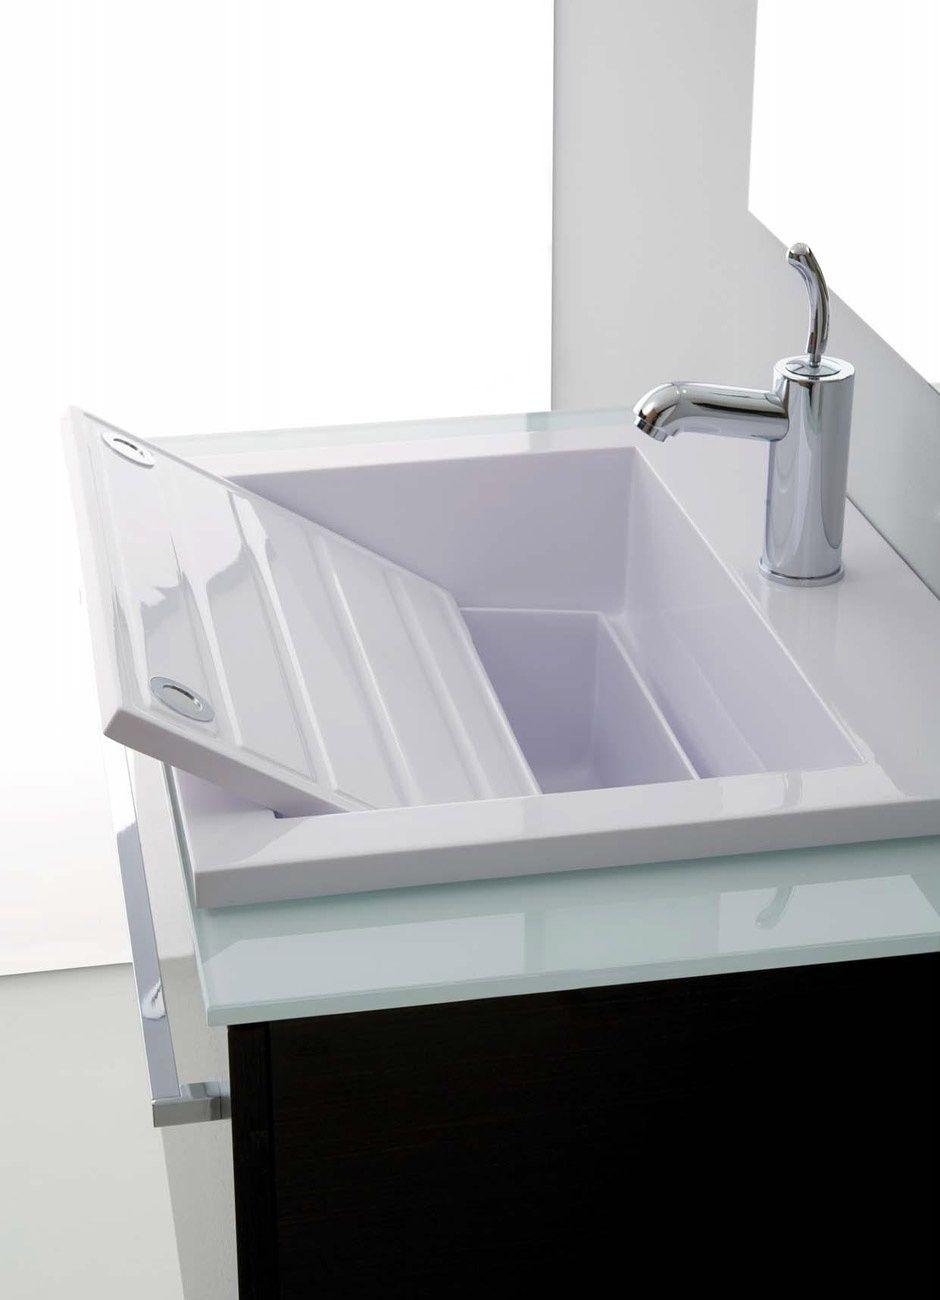 Mobili bagno particolari : mobili da bagno particolari. mobili ...